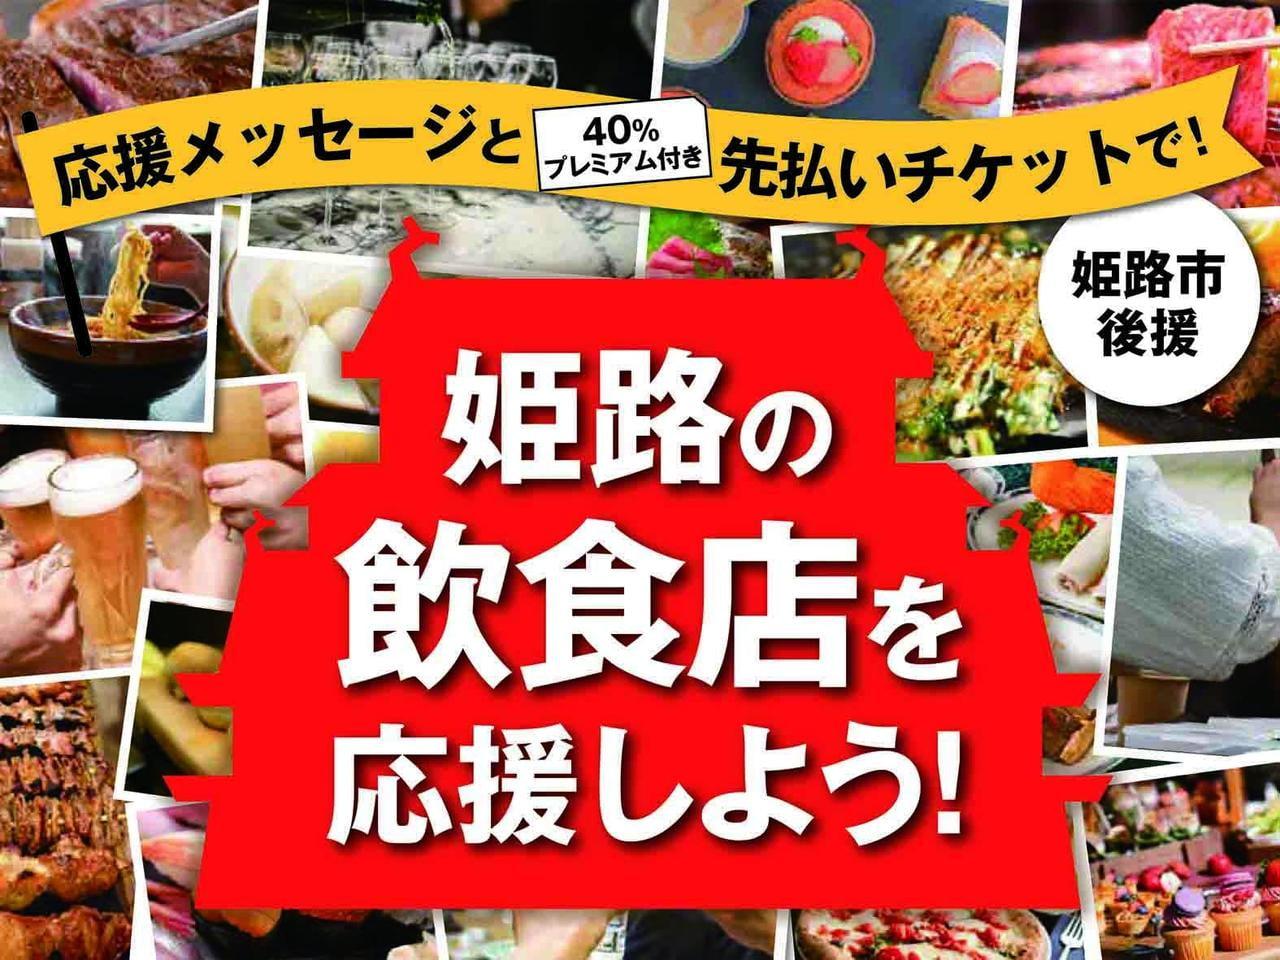 おいしくお得に!「姫路の飲食店を応援しよう!プロジェクト」